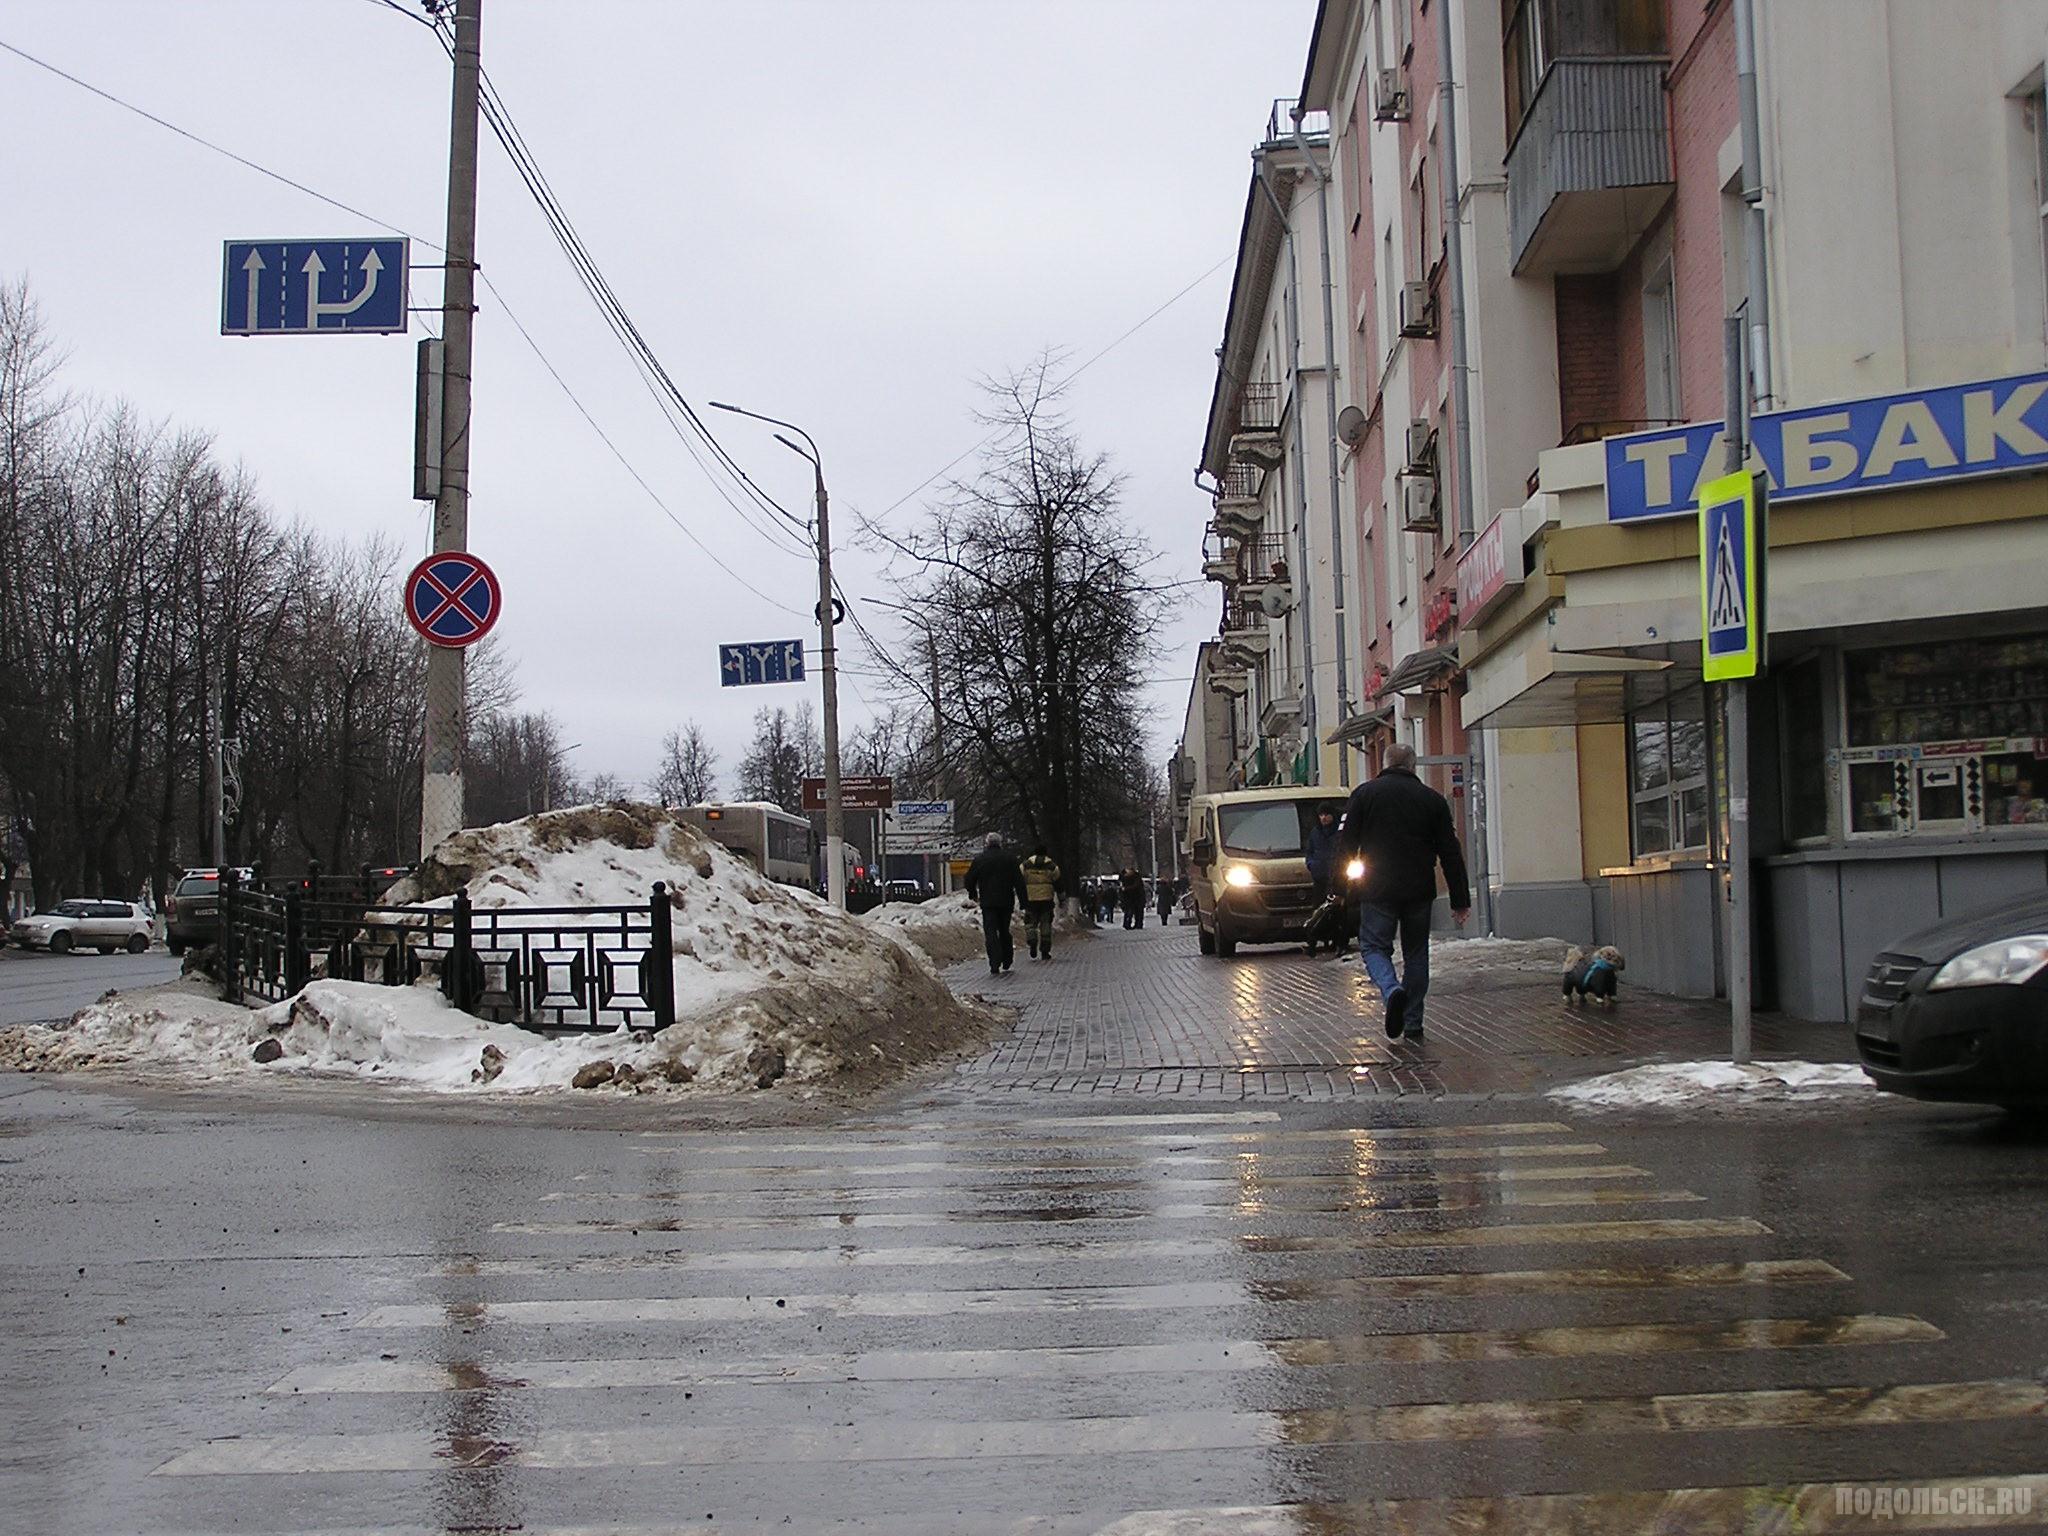 Проспект Ленина, перекресток с Февральской. 18.02.17.